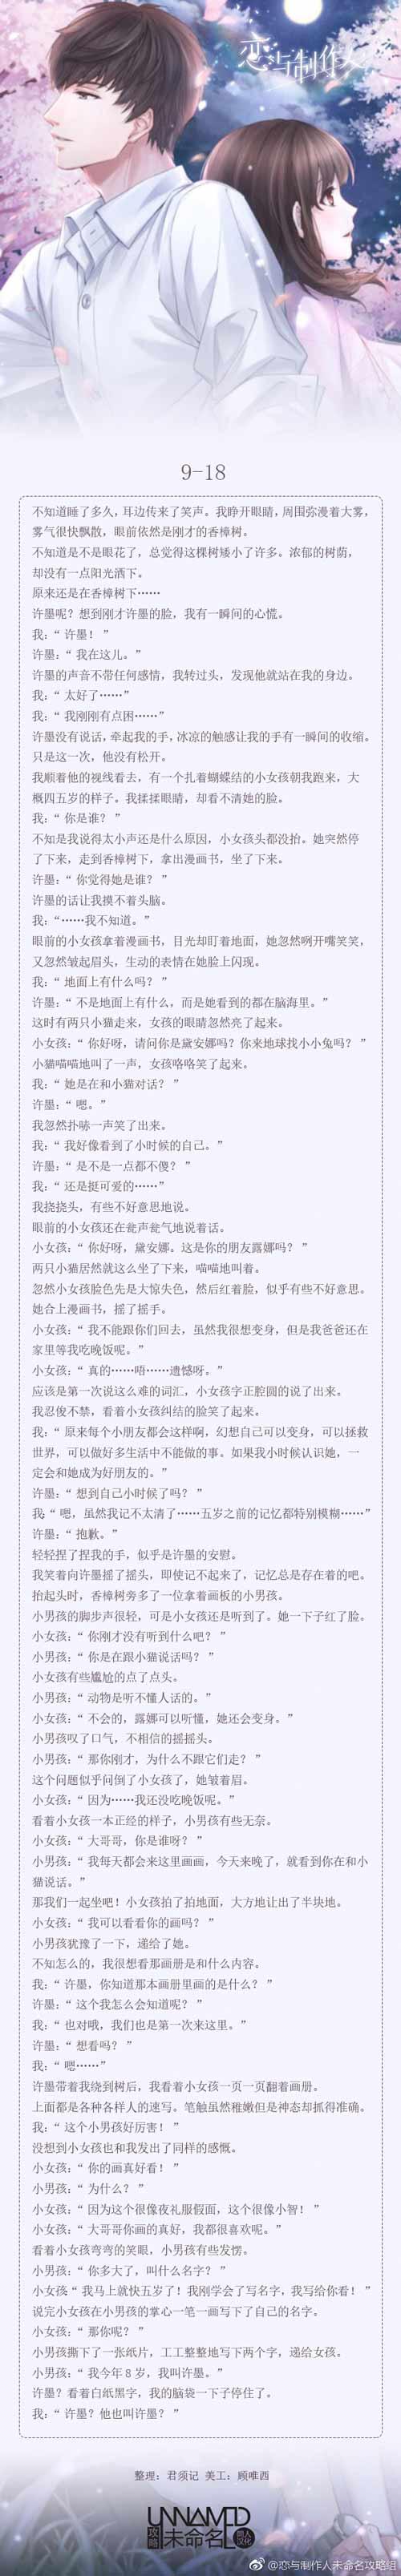 恋与制作人9-18剧情 恋与制作人第九章剧情